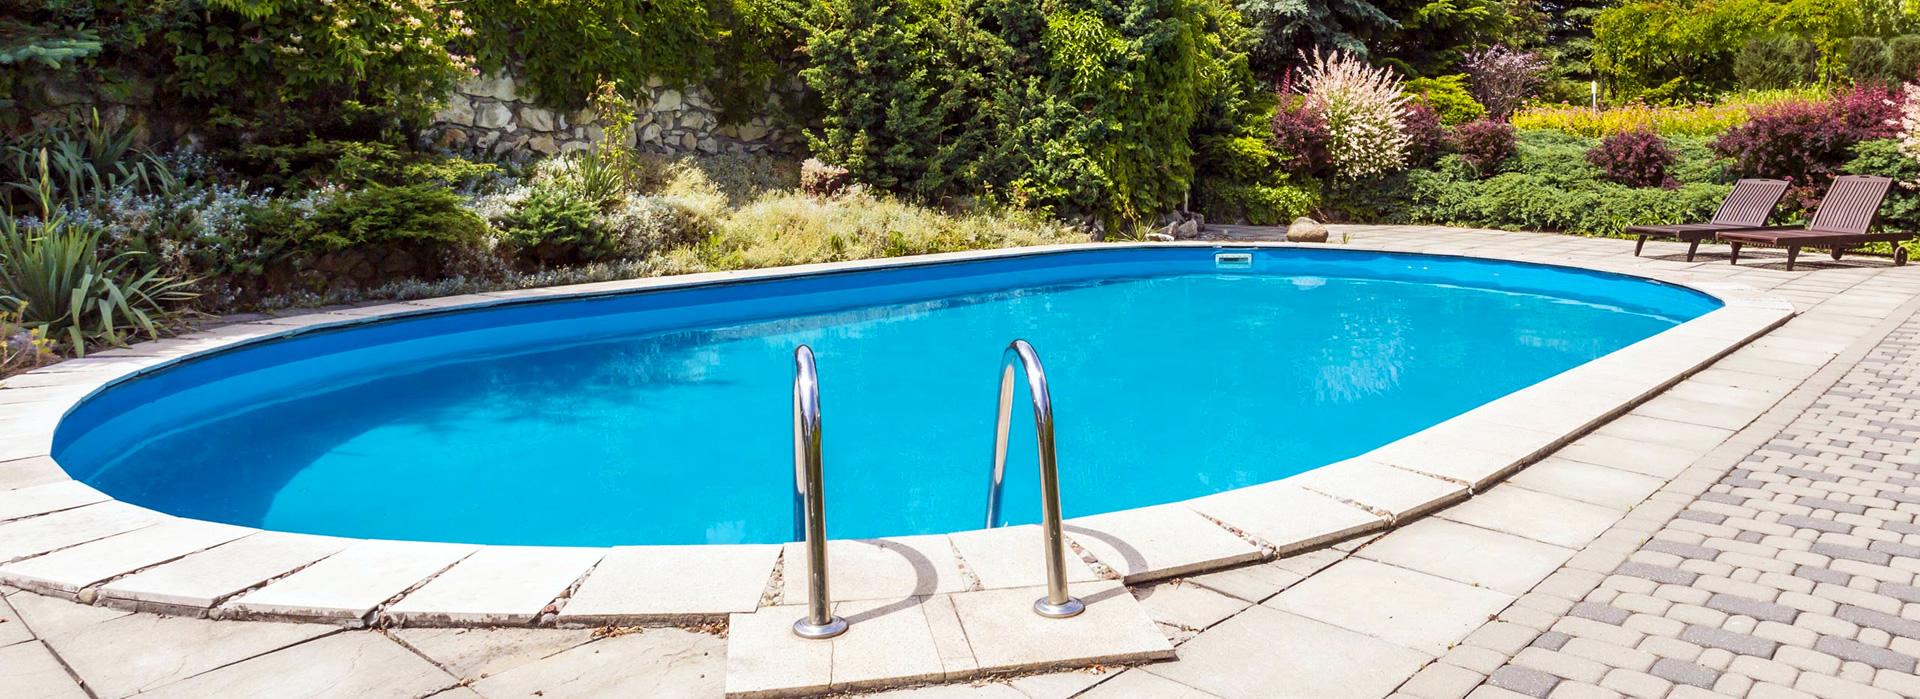 Piscine Interrate Prezzi Tutto Compreso piscine in kit fai da te